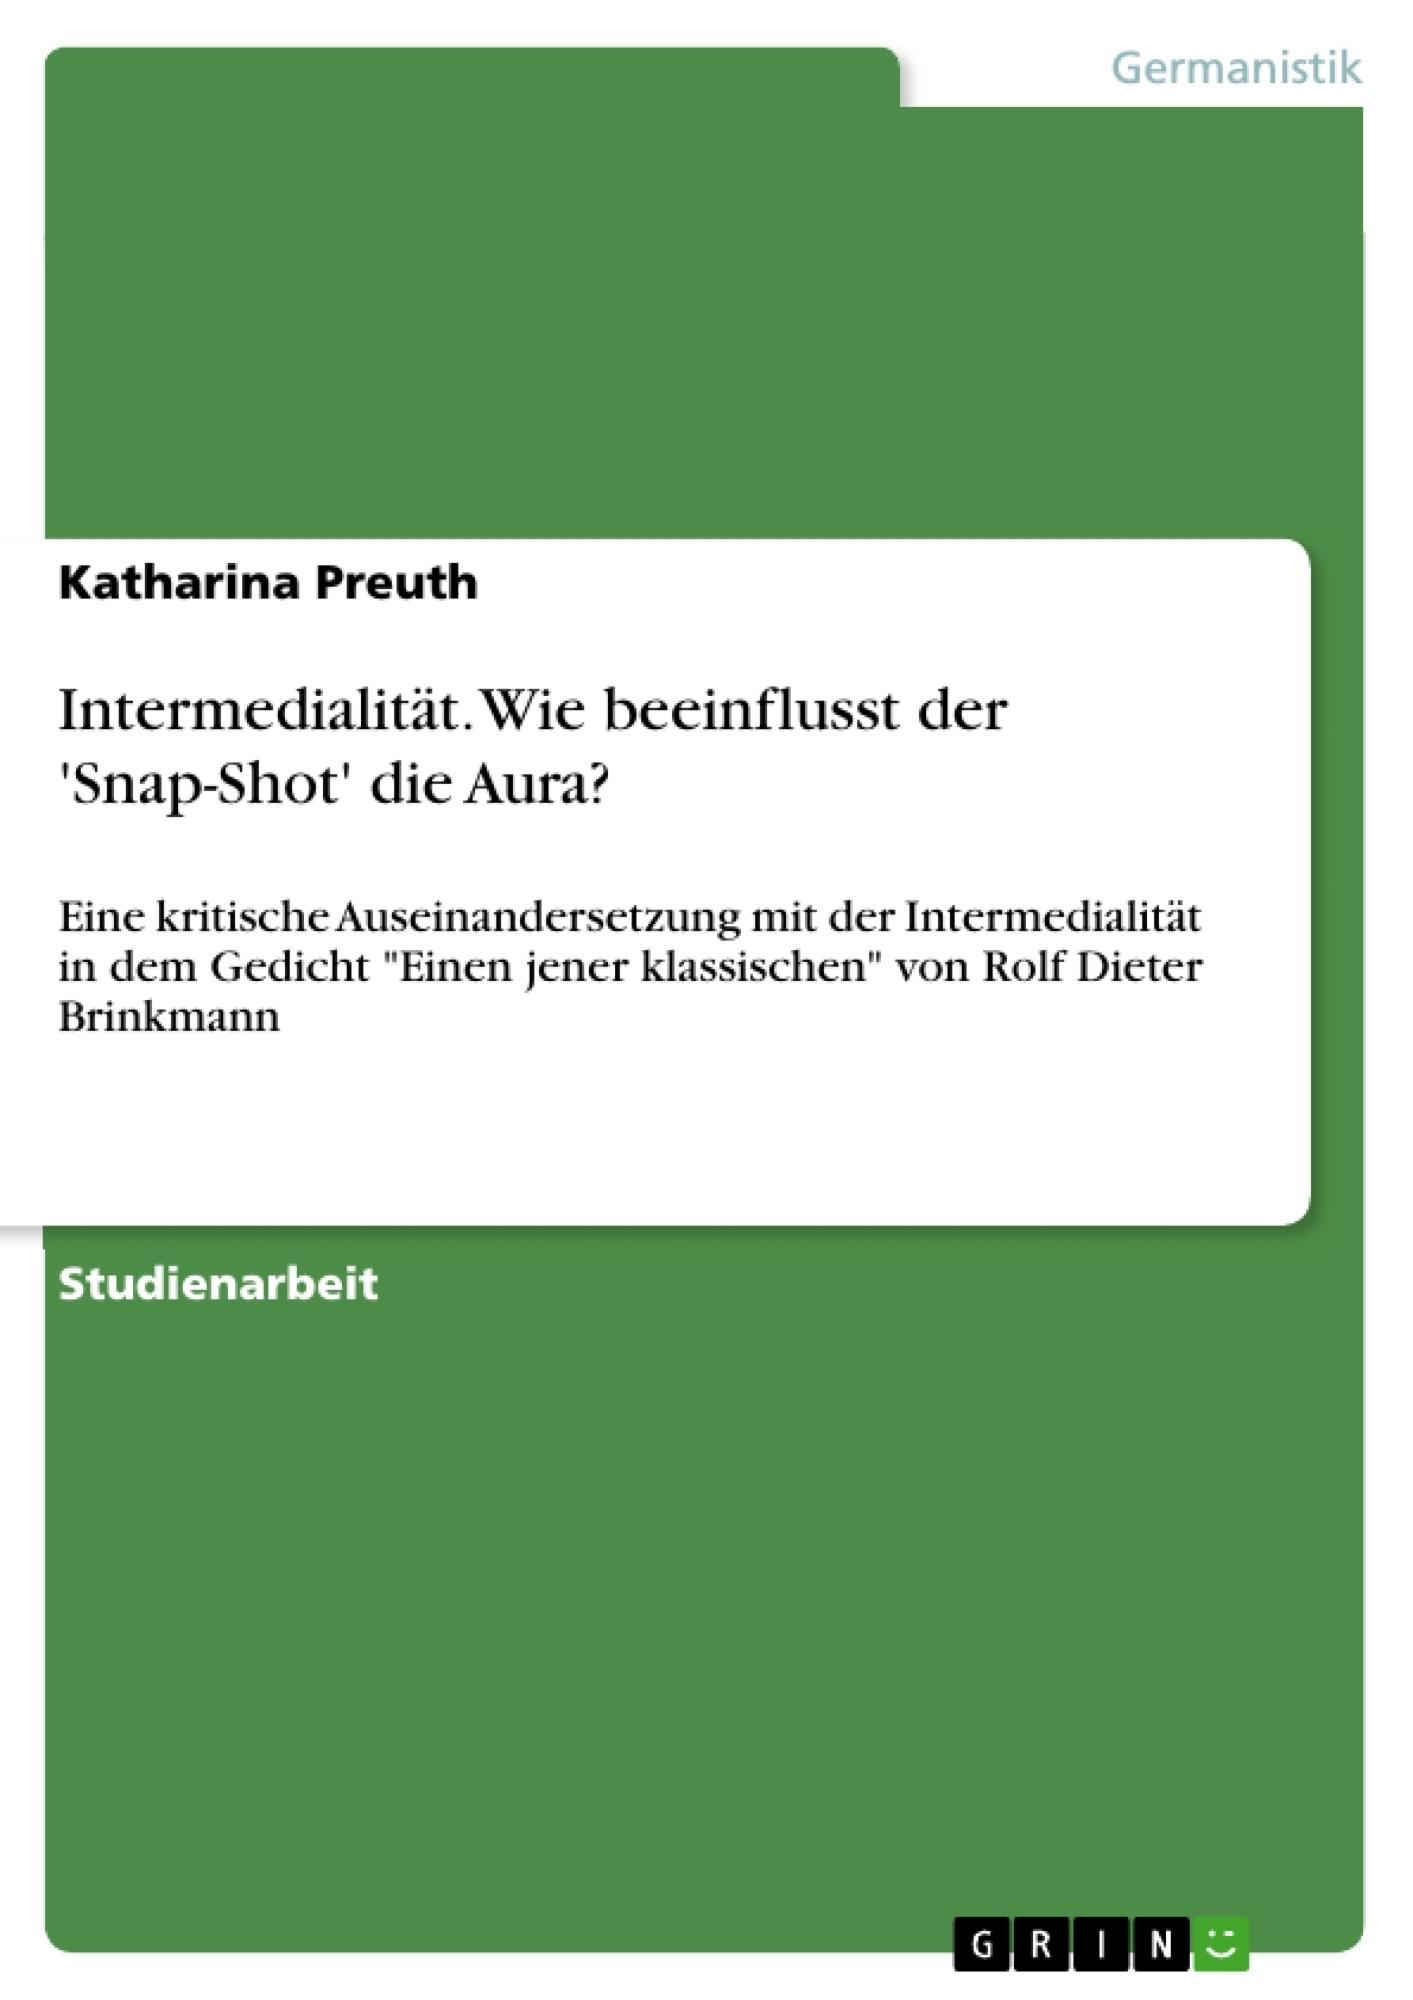 Titel: Intermedialität. Wie beeinflusst der 'Snap-Shot' die Aura?